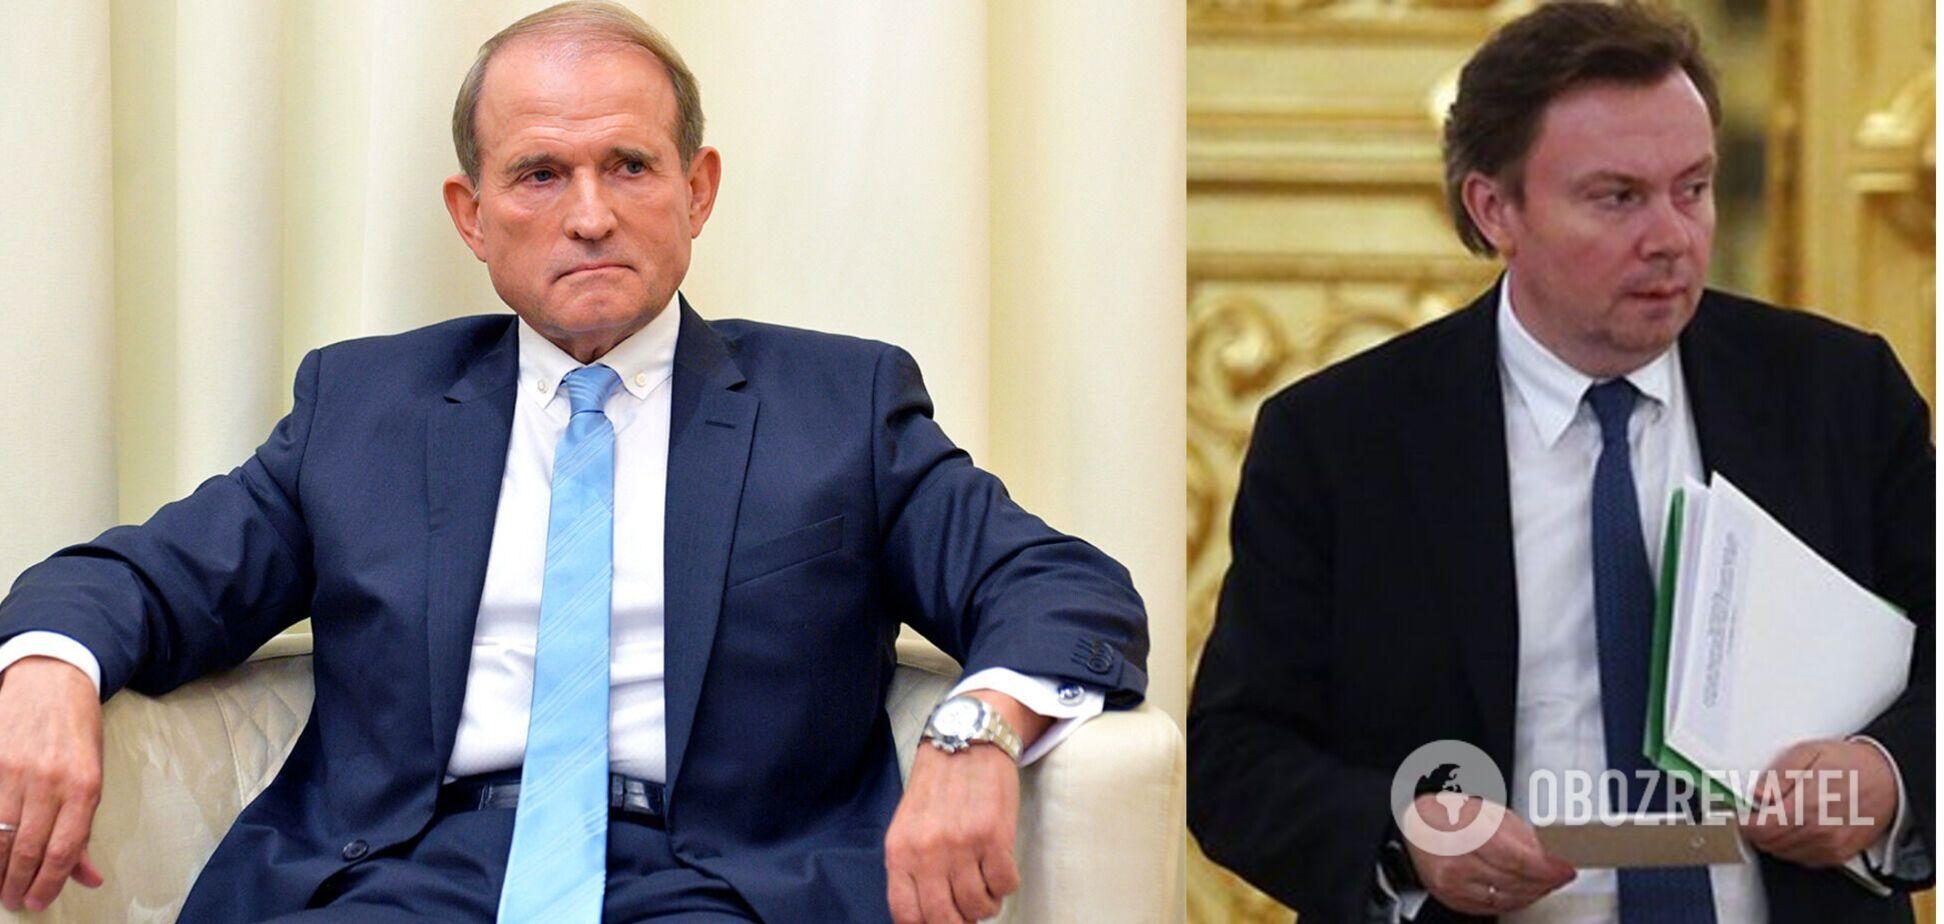 Опубліковано нове аудіо розмови Медведчука з чиновником РФ про 'передачу інформації' та санкції. Ексклюзив